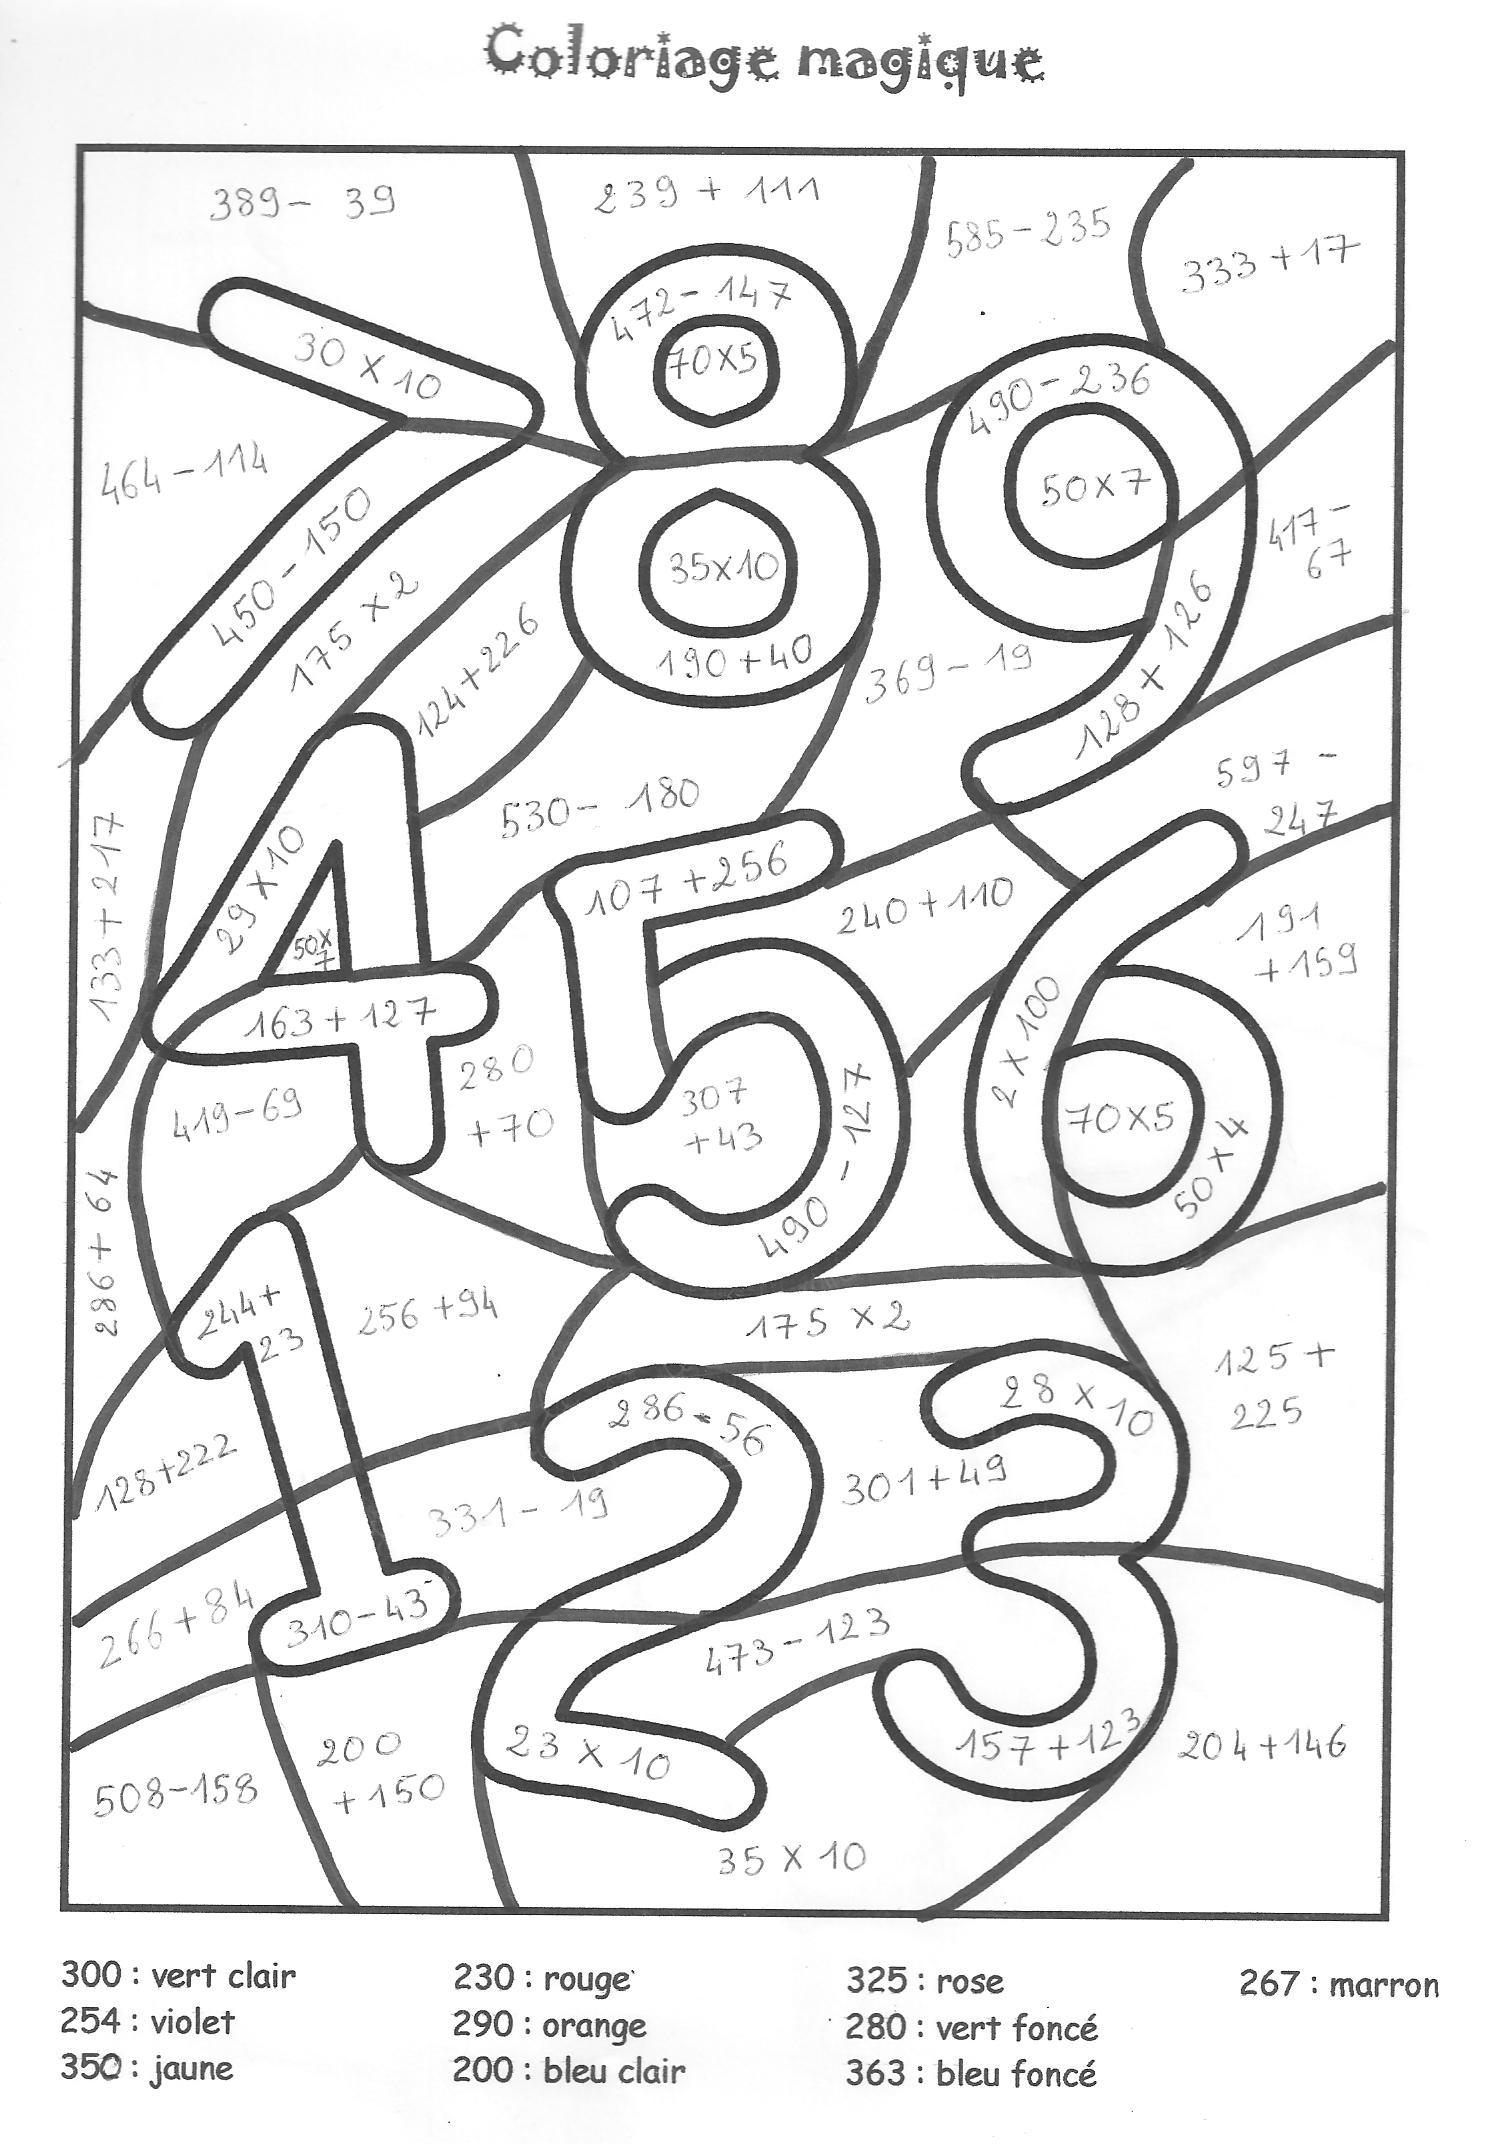 Dessins Gratuits À Colorier - Coloriage Magique Addition À destiné Coloriage Magique A Imprimer Ce2 Gratuit